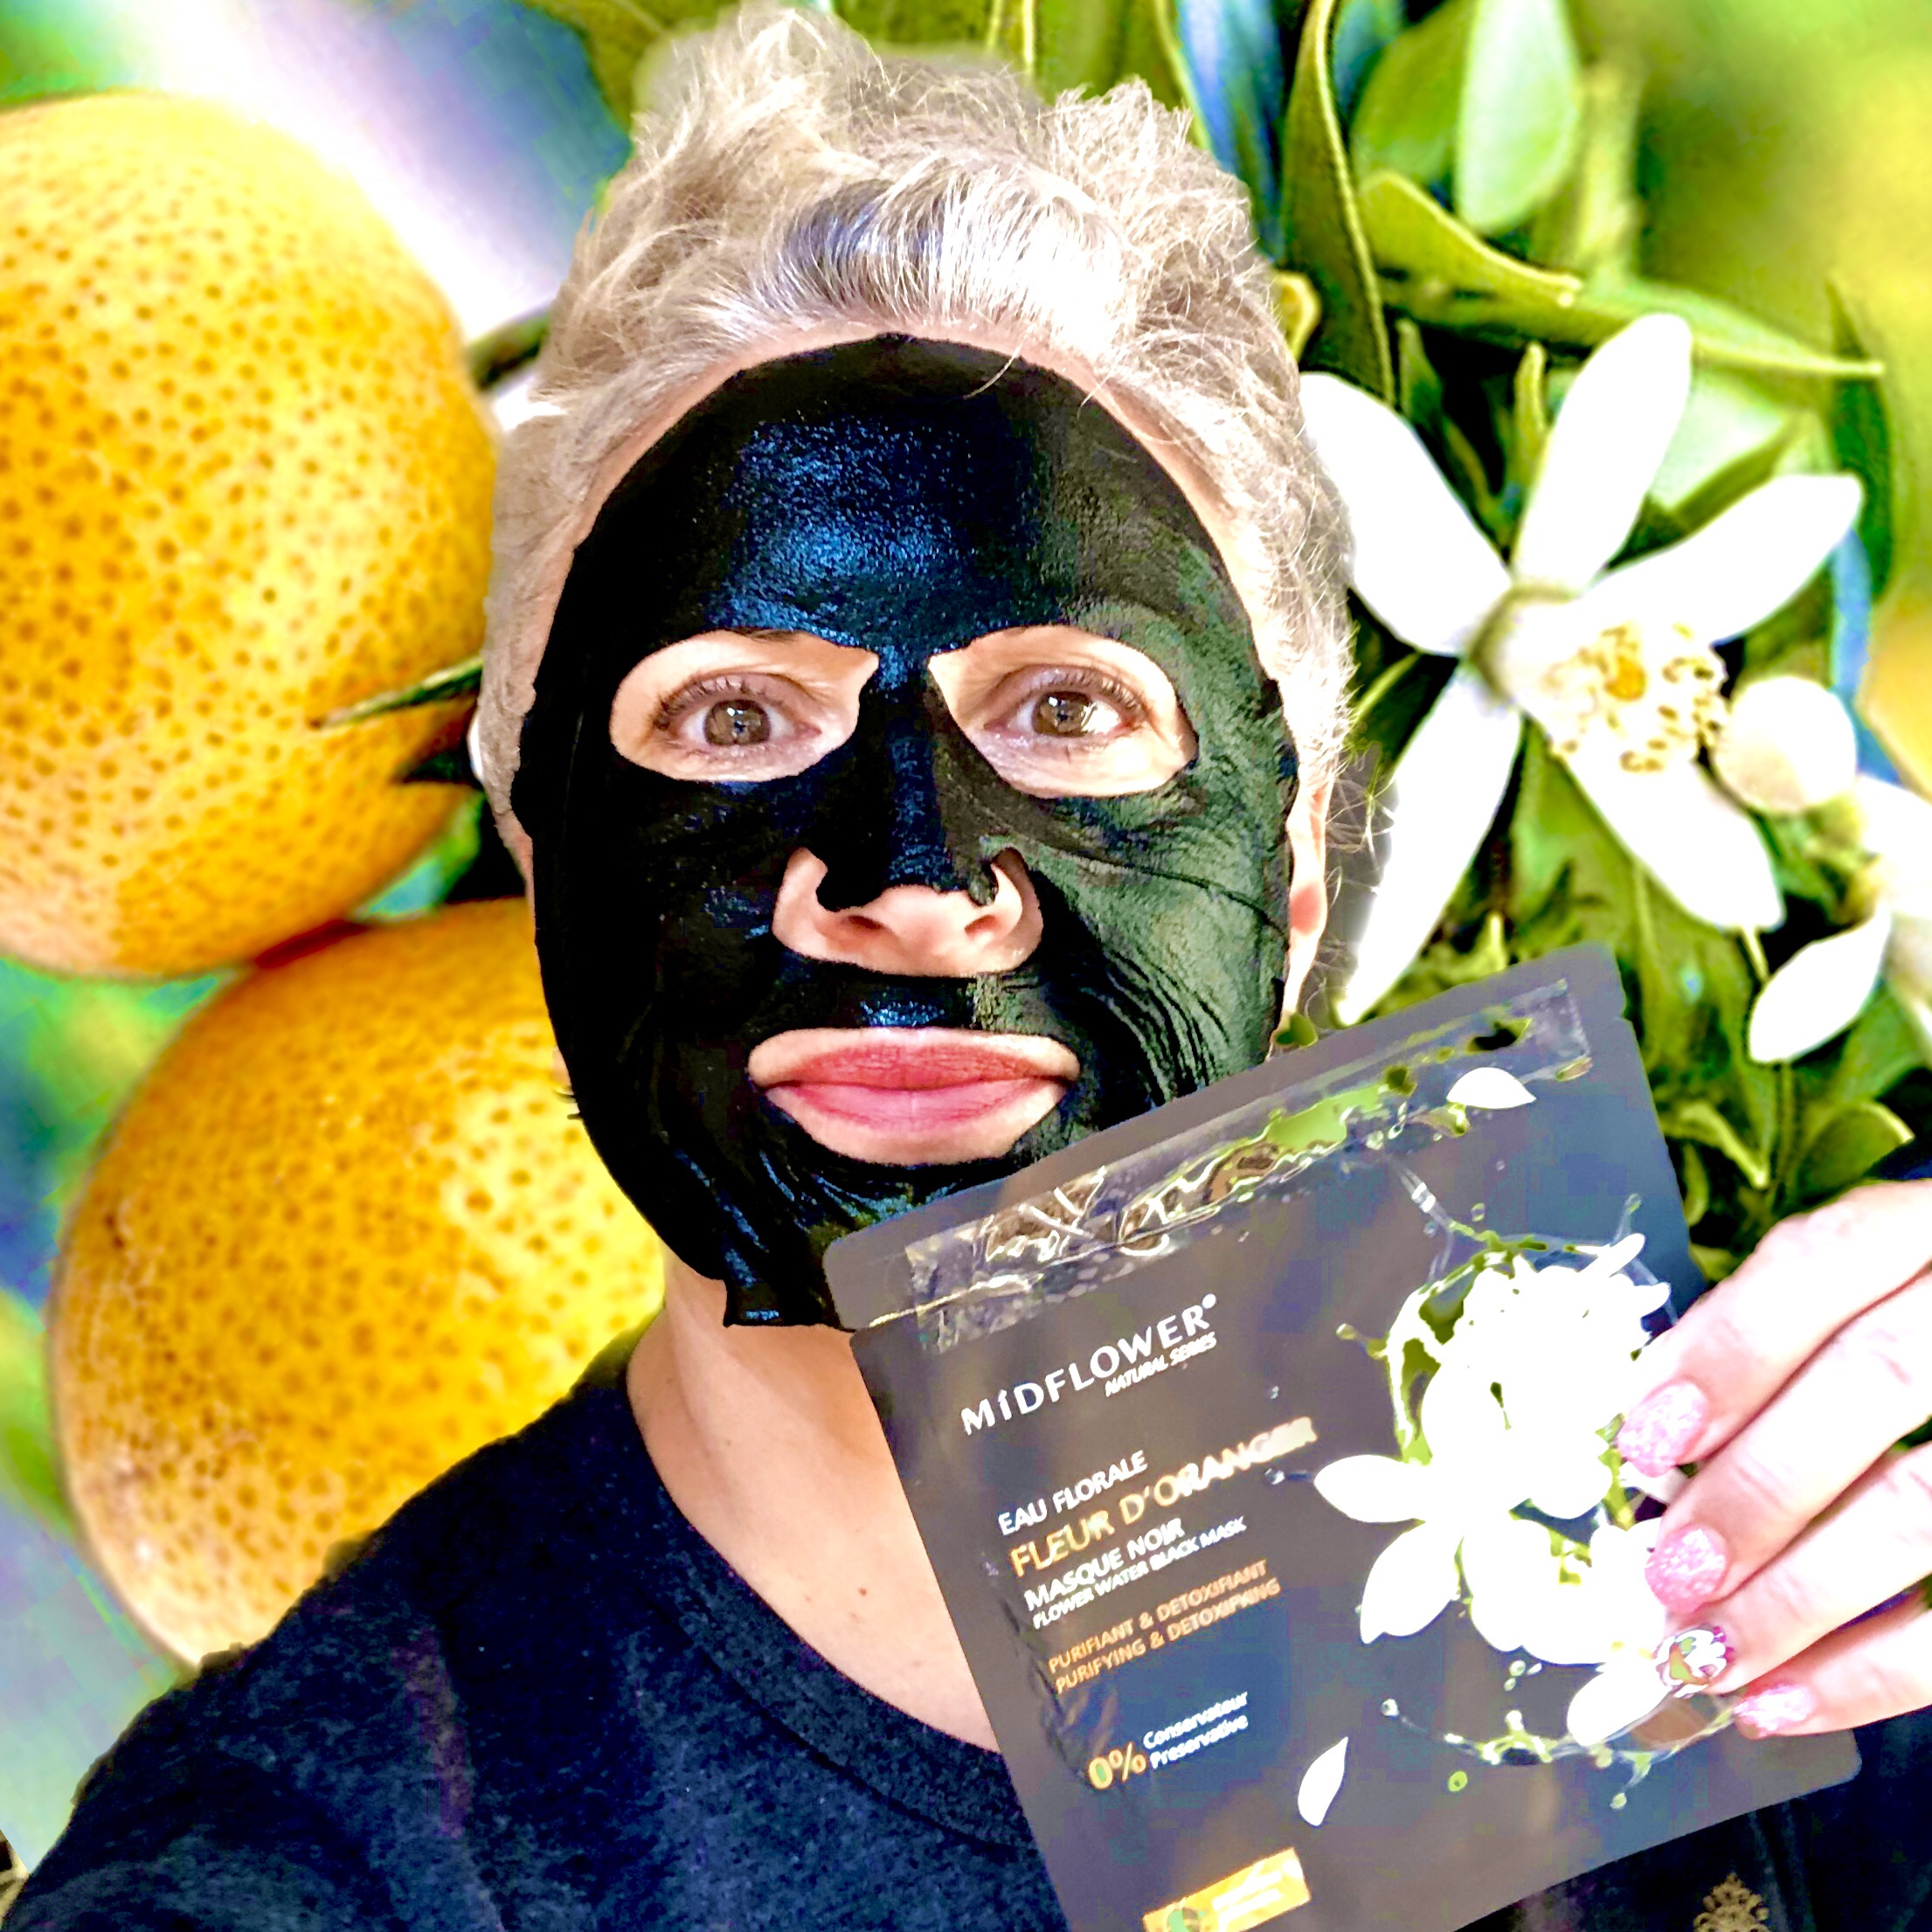 Midflower masque noir à la fleur d'oranger